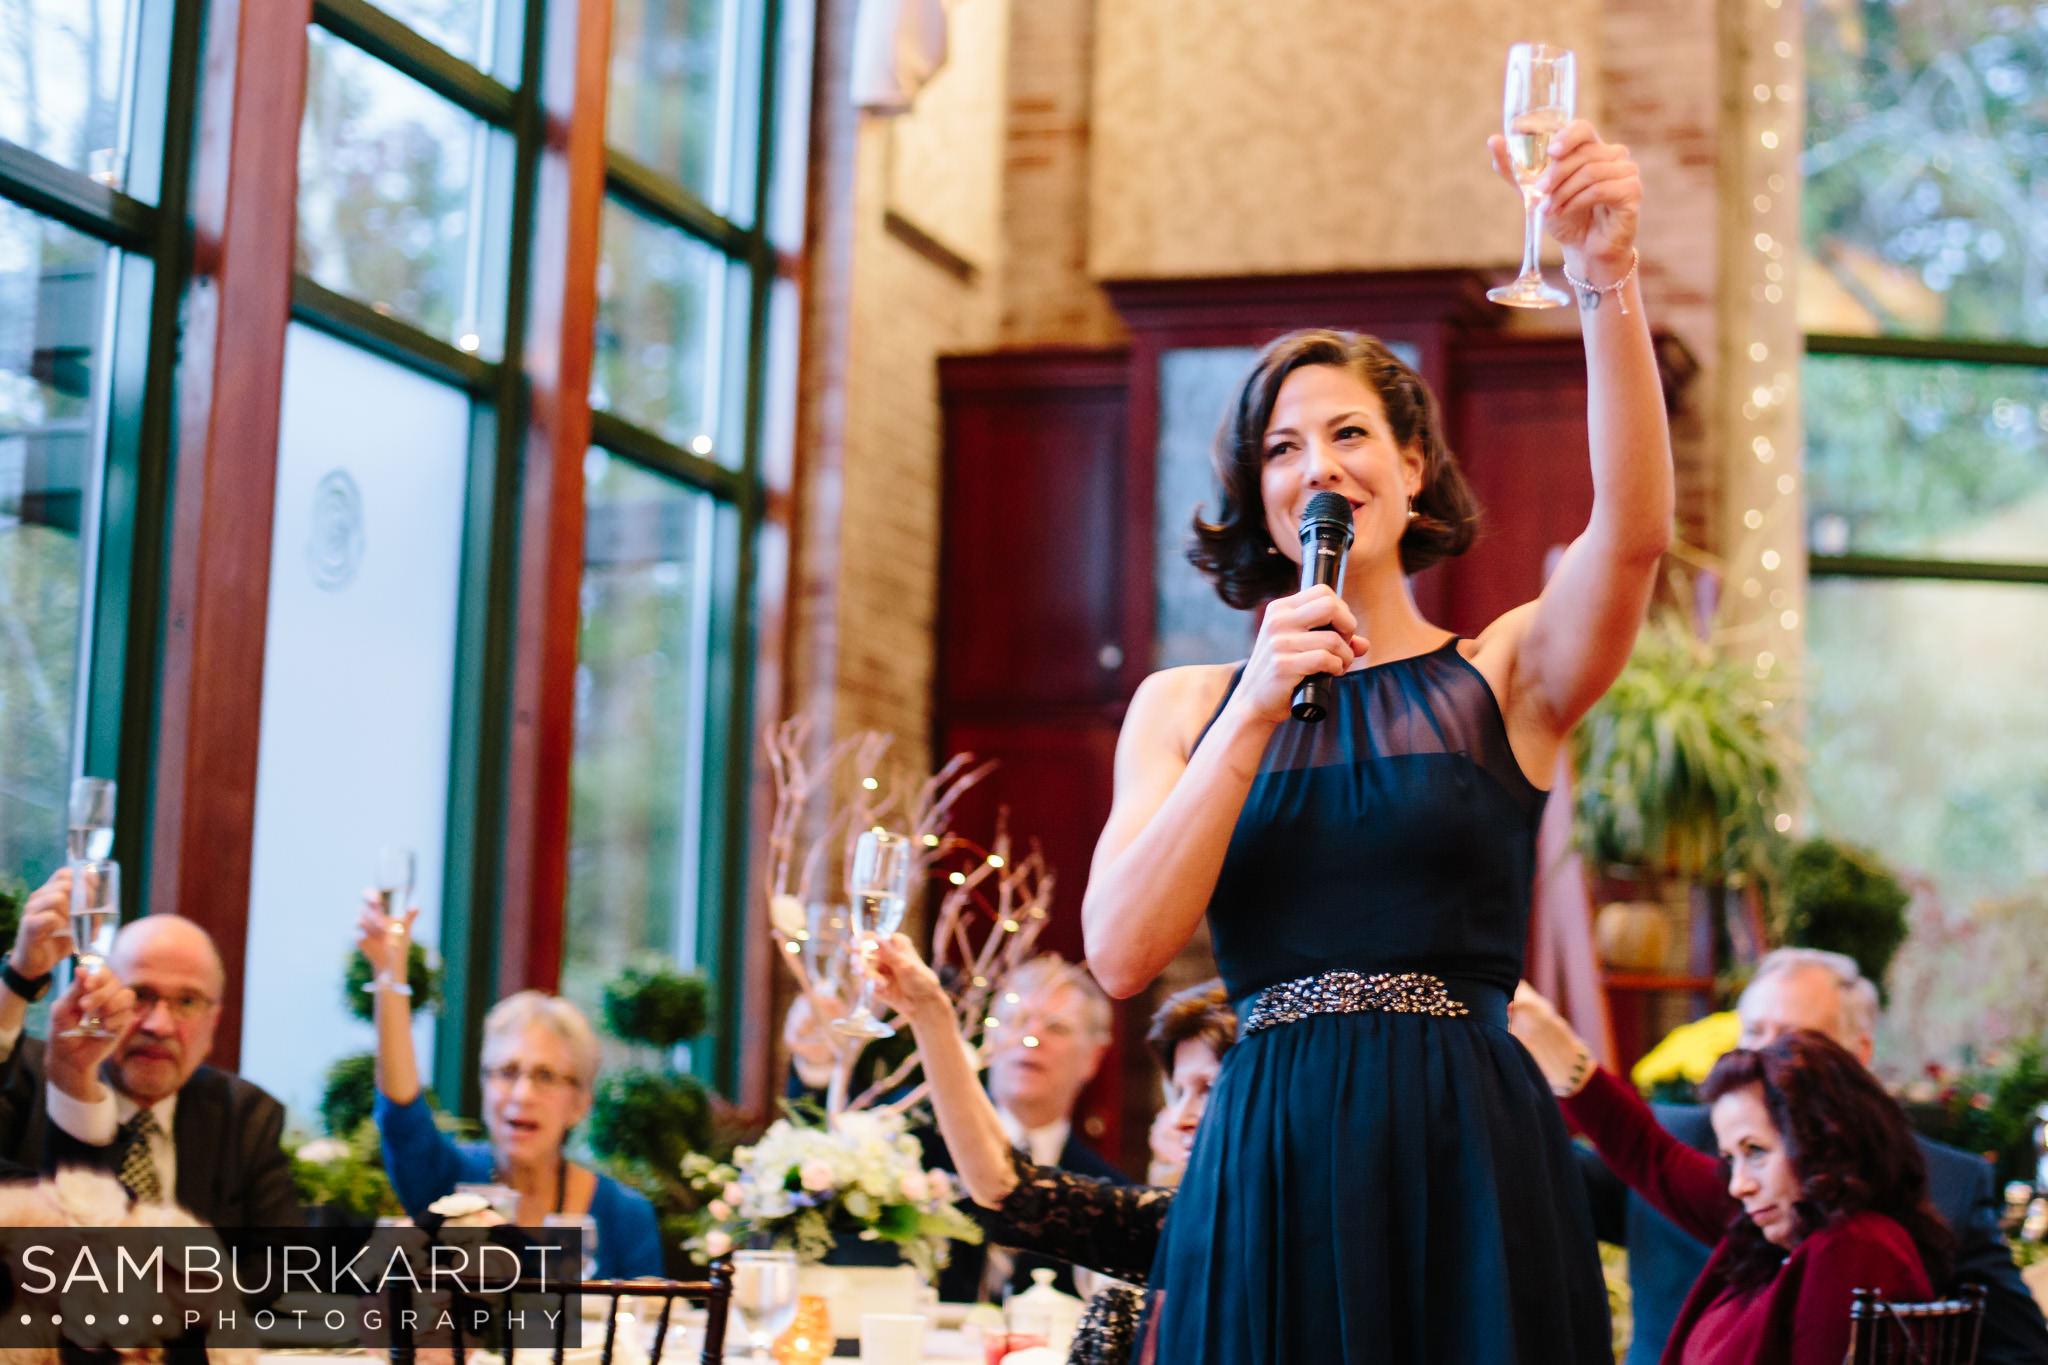 samburkardt_pond_house_hartford_wedding_fall_0061.jpg